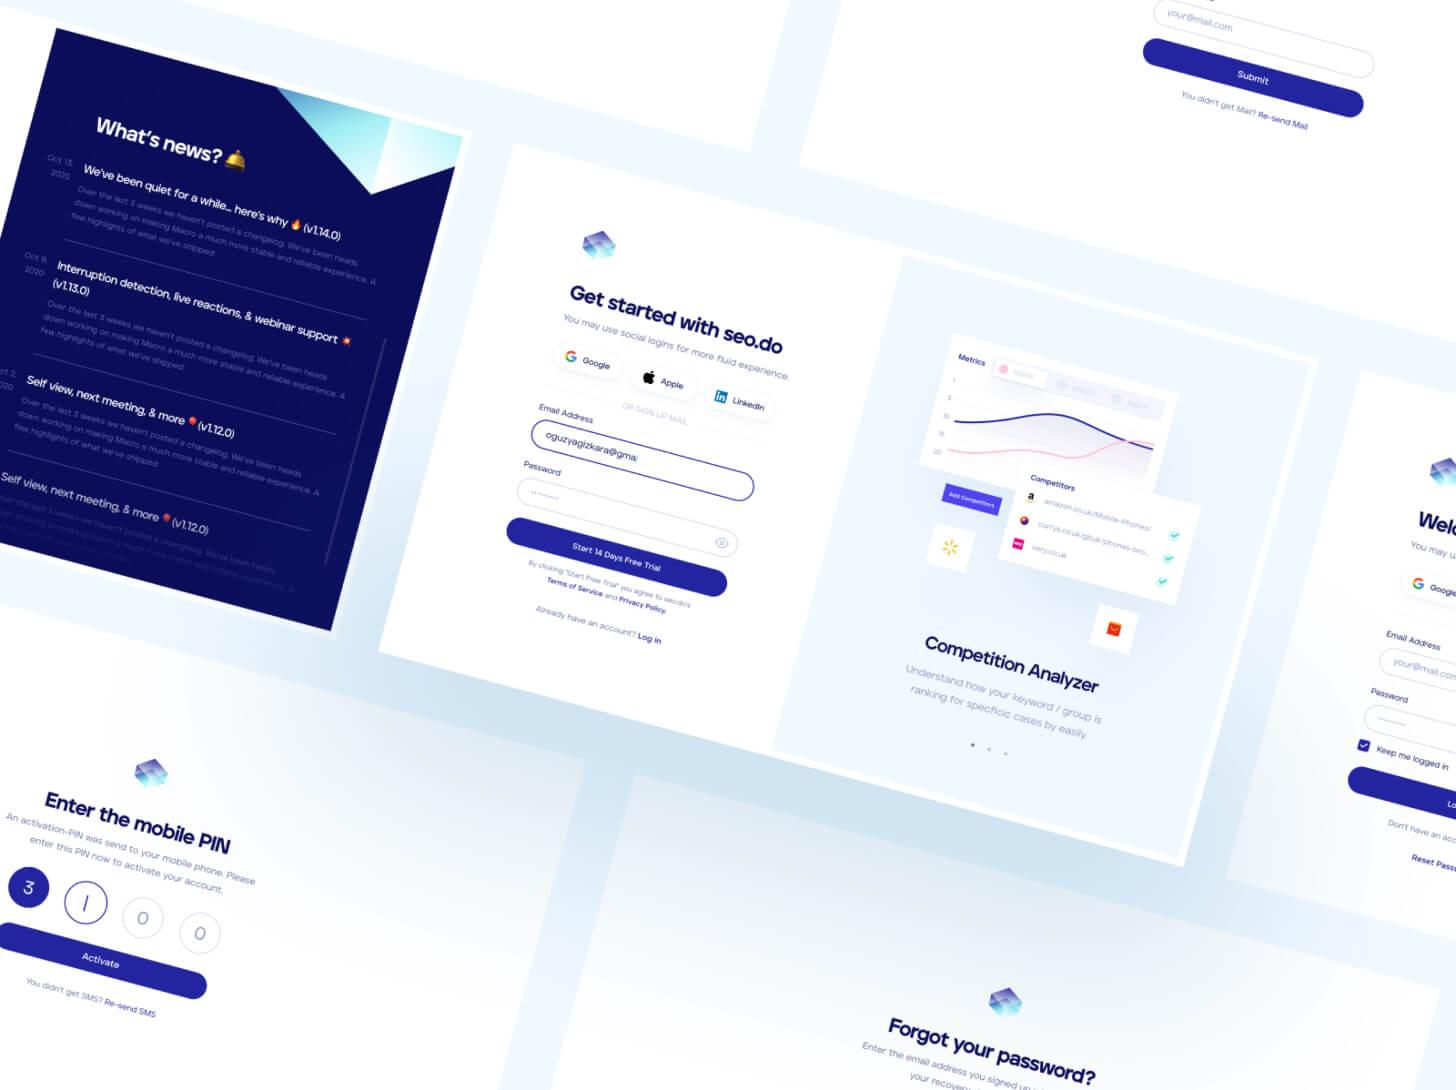 Seo.do SaaS App